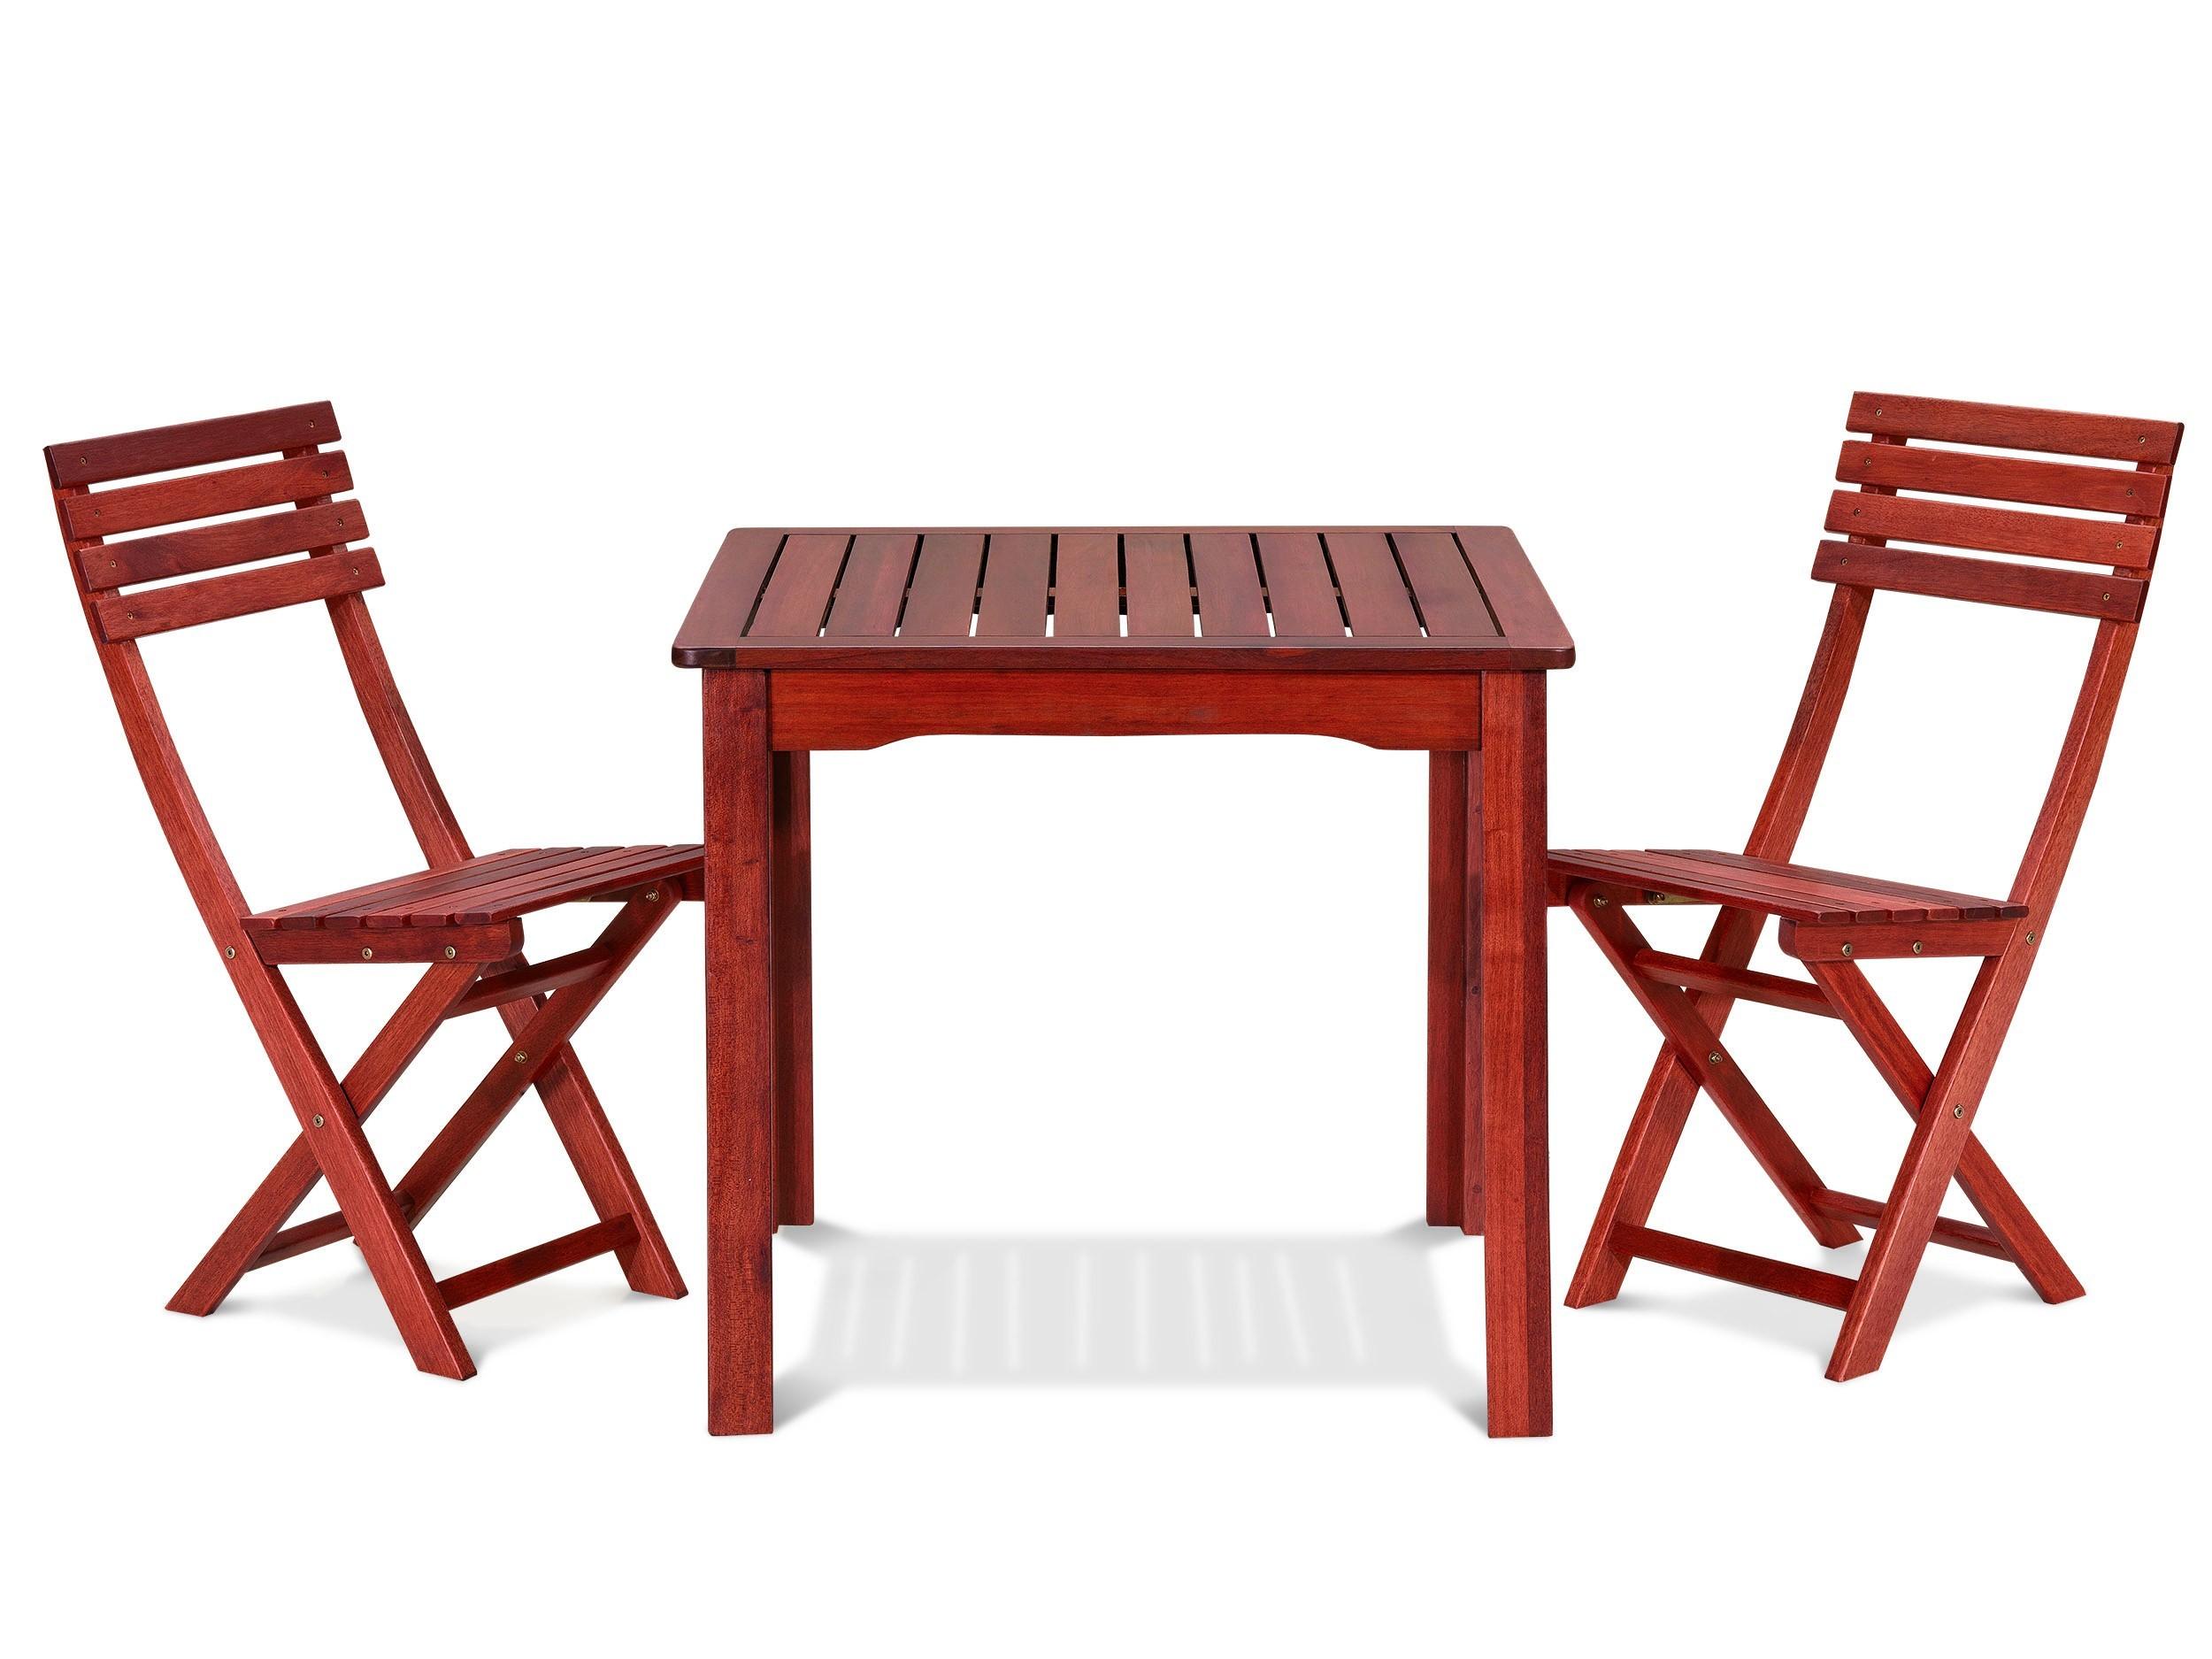 Tablas de madera para exterior excellent atornillar for Tablas de madera para exterior